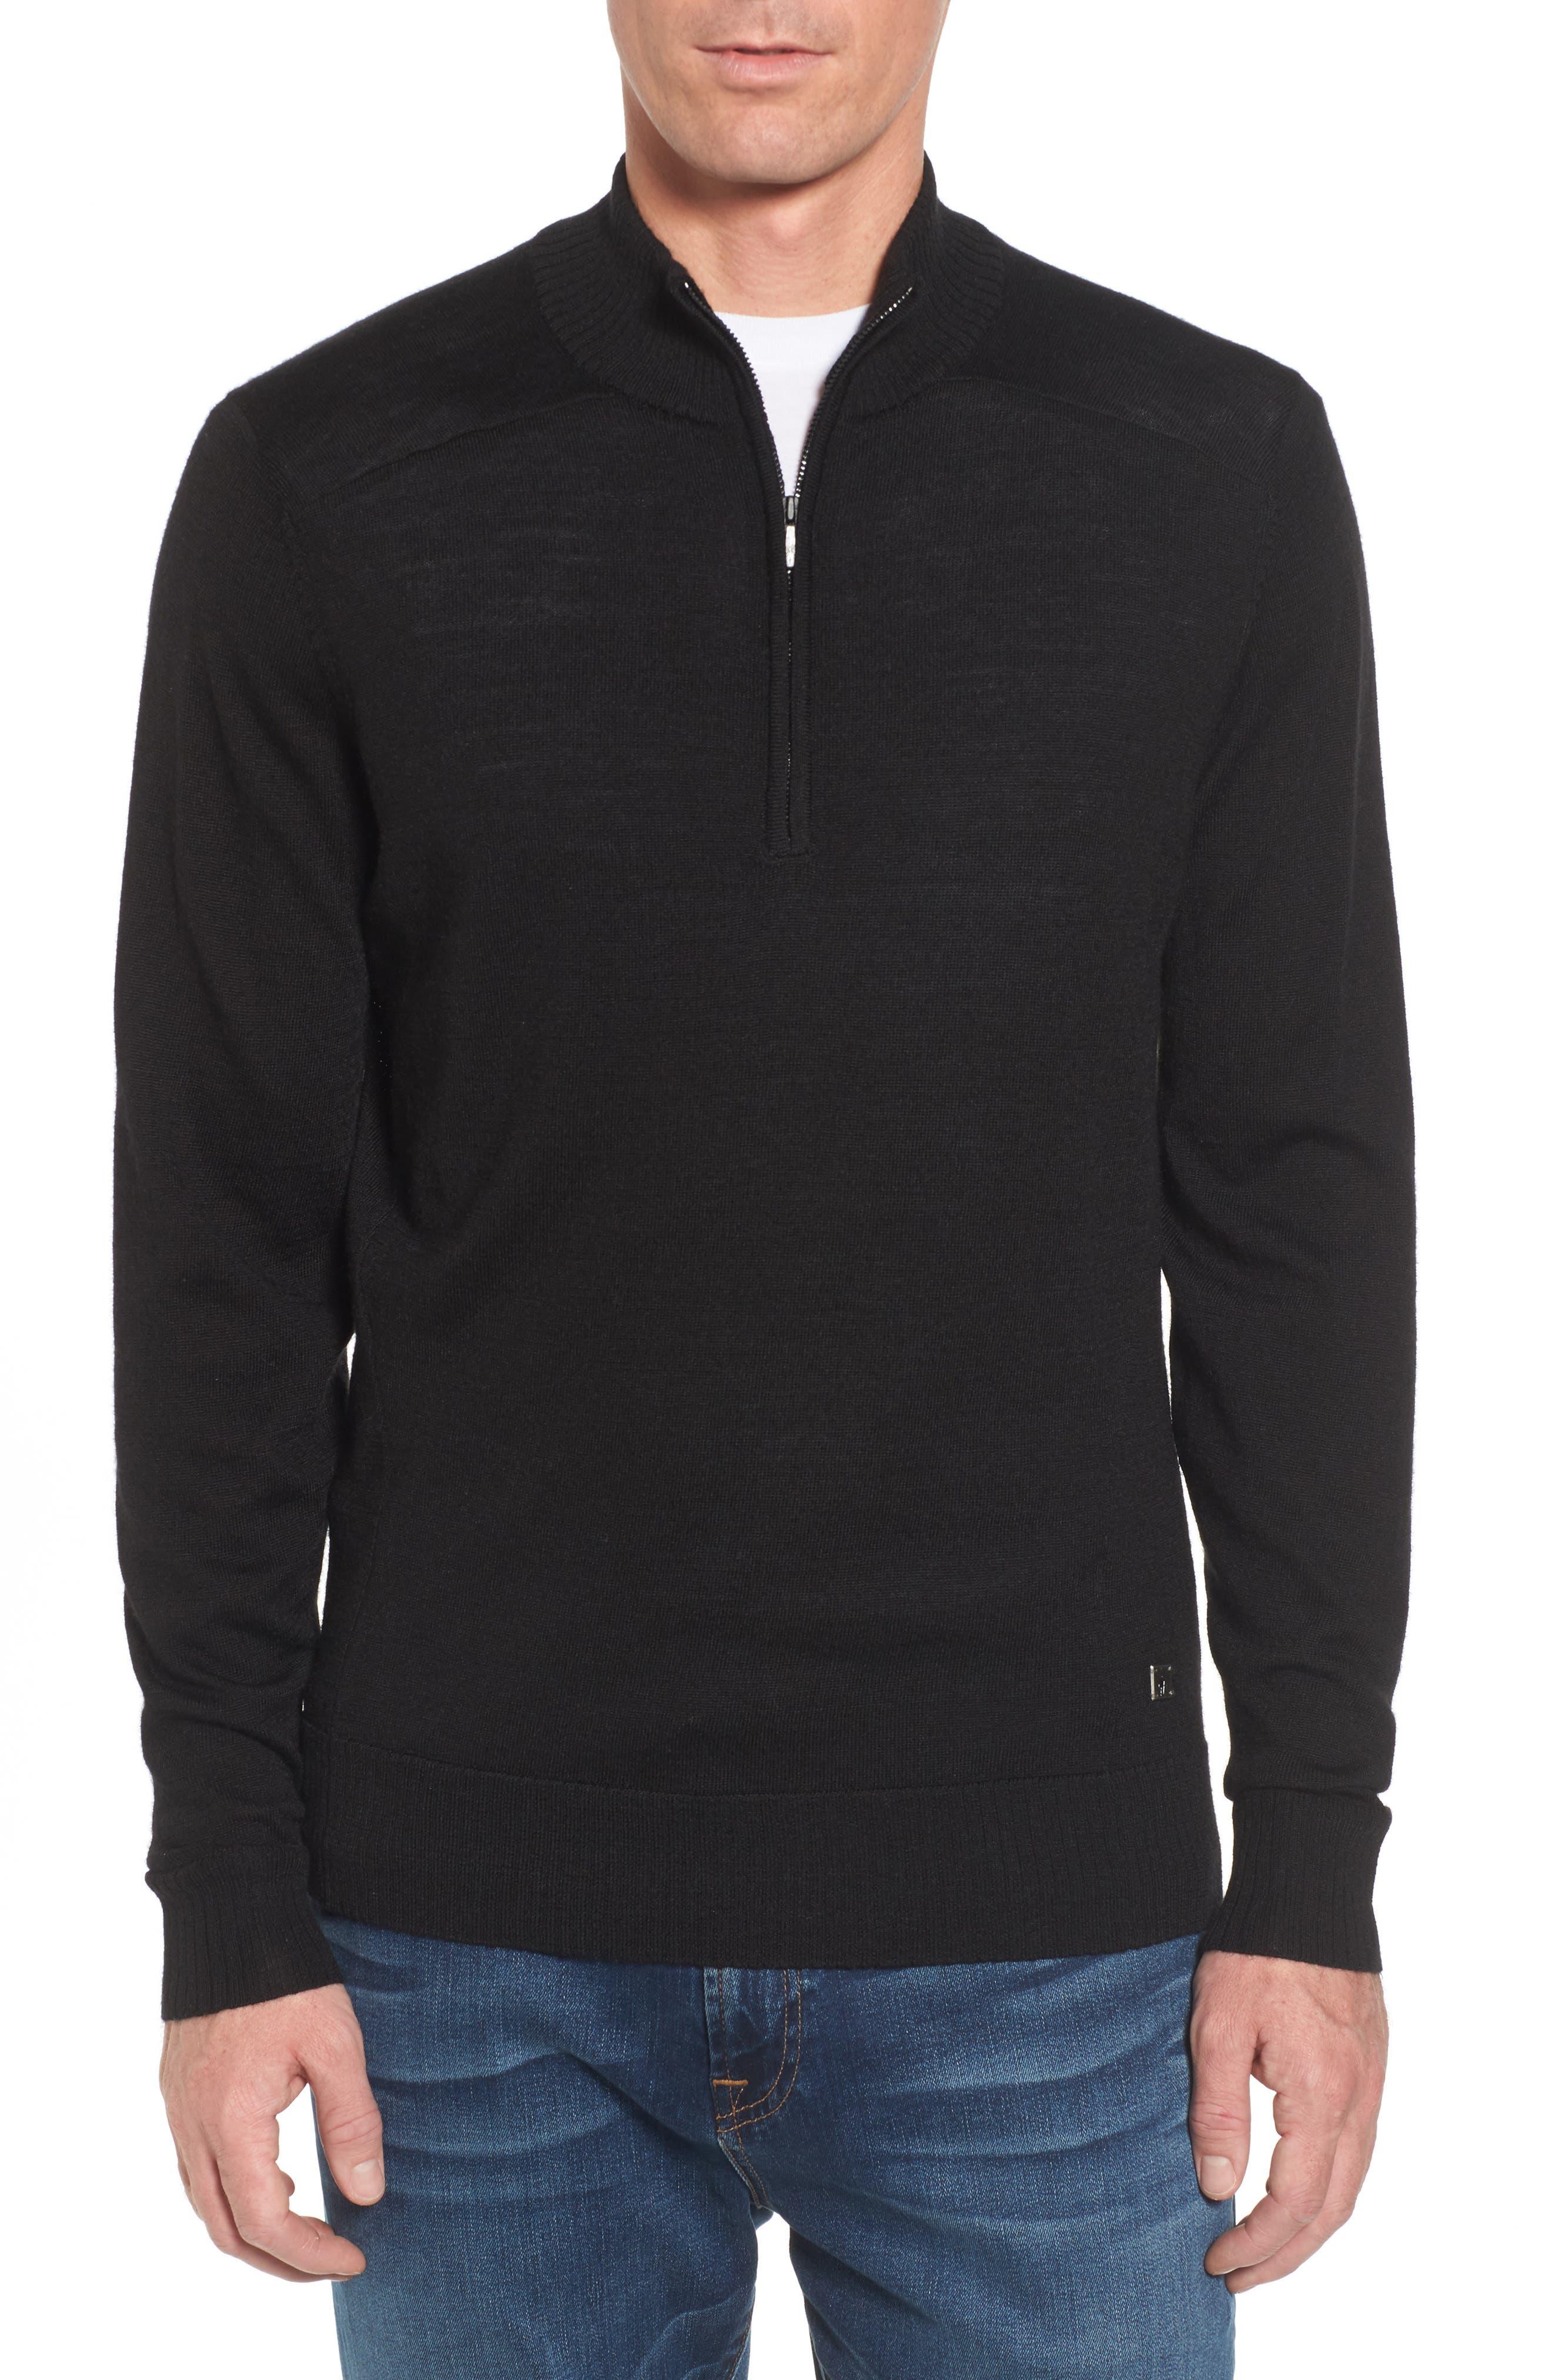 Kiva Ridge Merino Wool Blend Pullover,                             Main thumbnail 1, color,                             Black